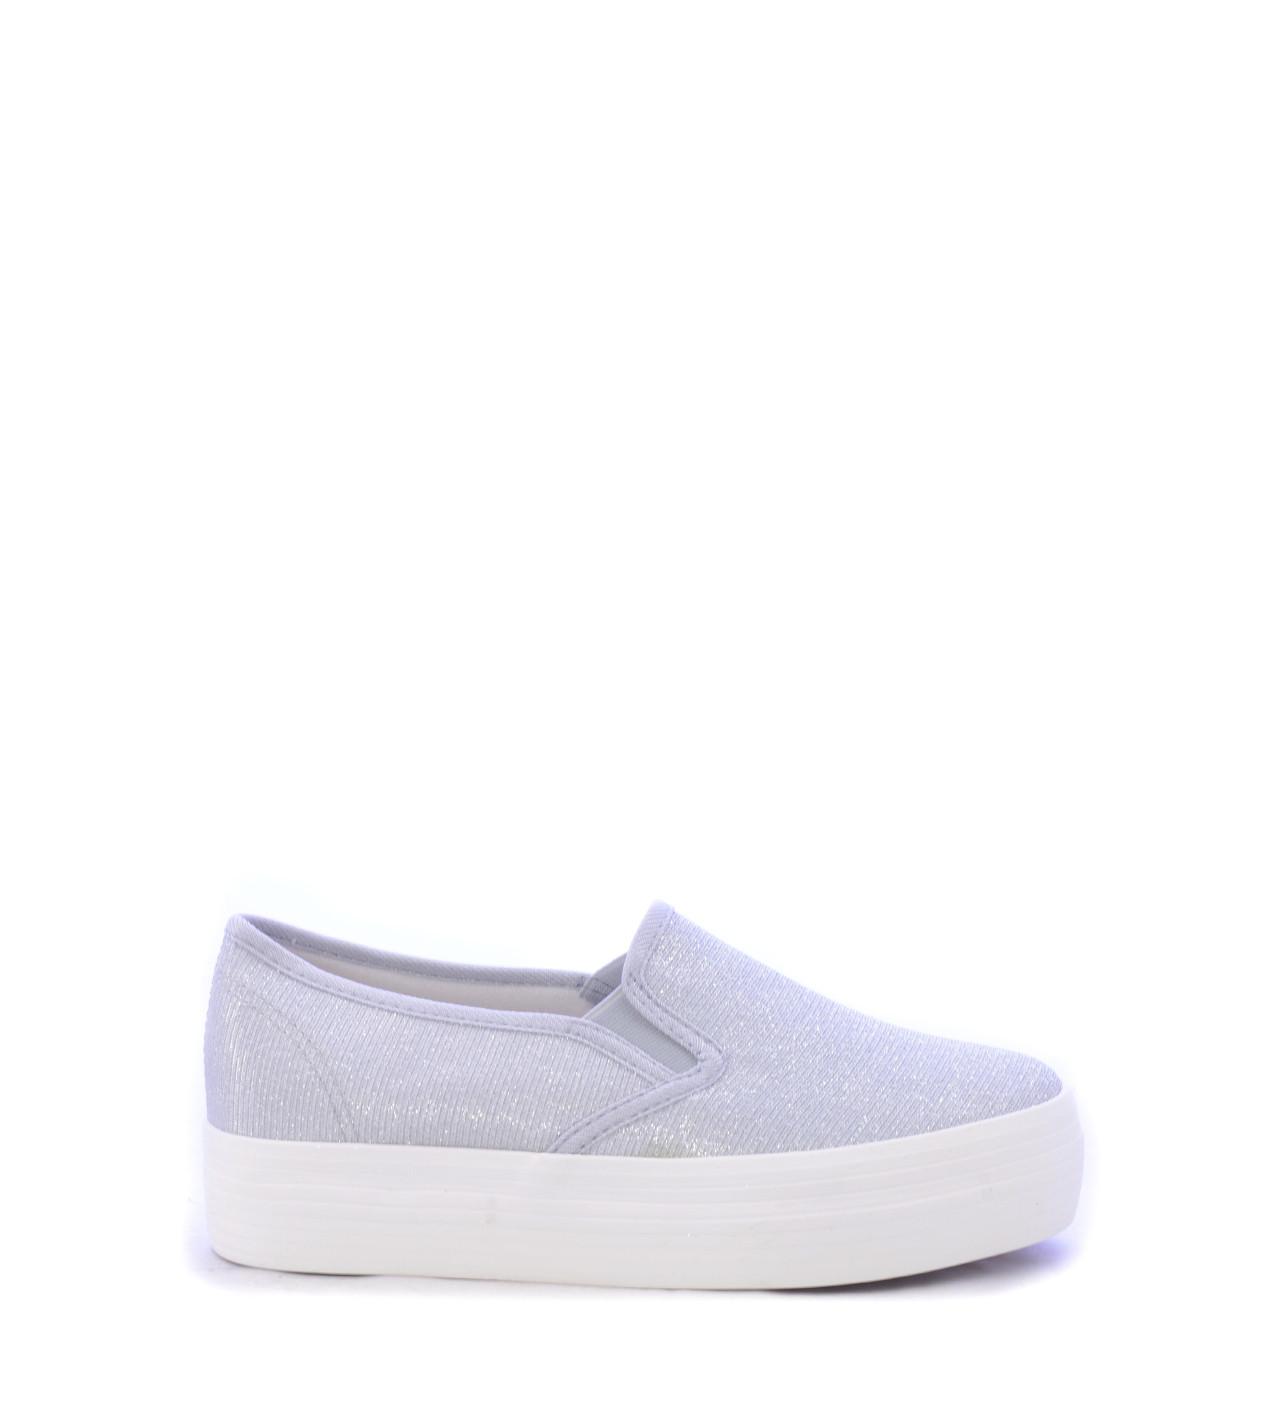 d6883d83e5d Casual Γυναικεία Παπούτσια Σε Ασημί Χρώμα   tsantapapoutsi.gr